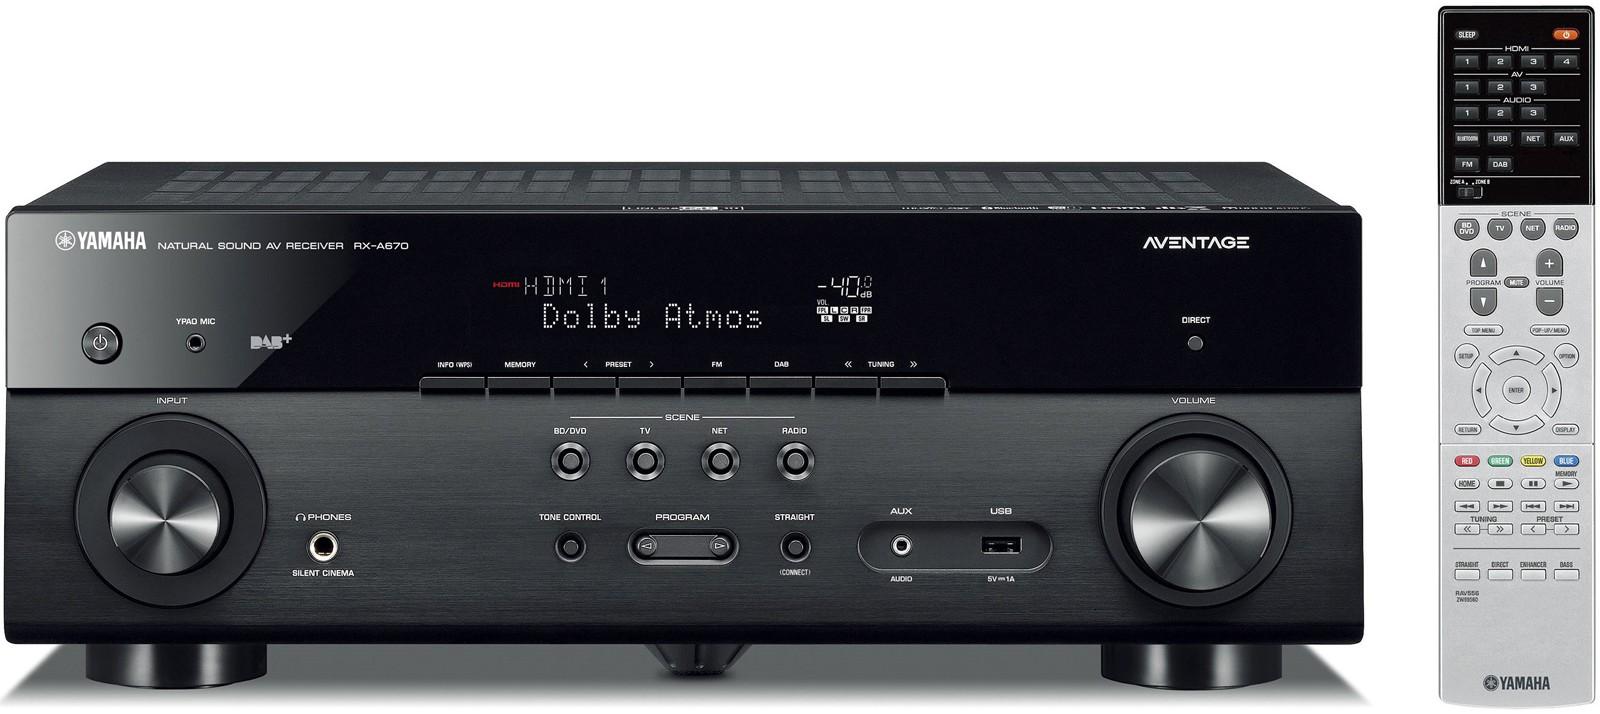 yamaha-rx-a670-av-receiver.jpg